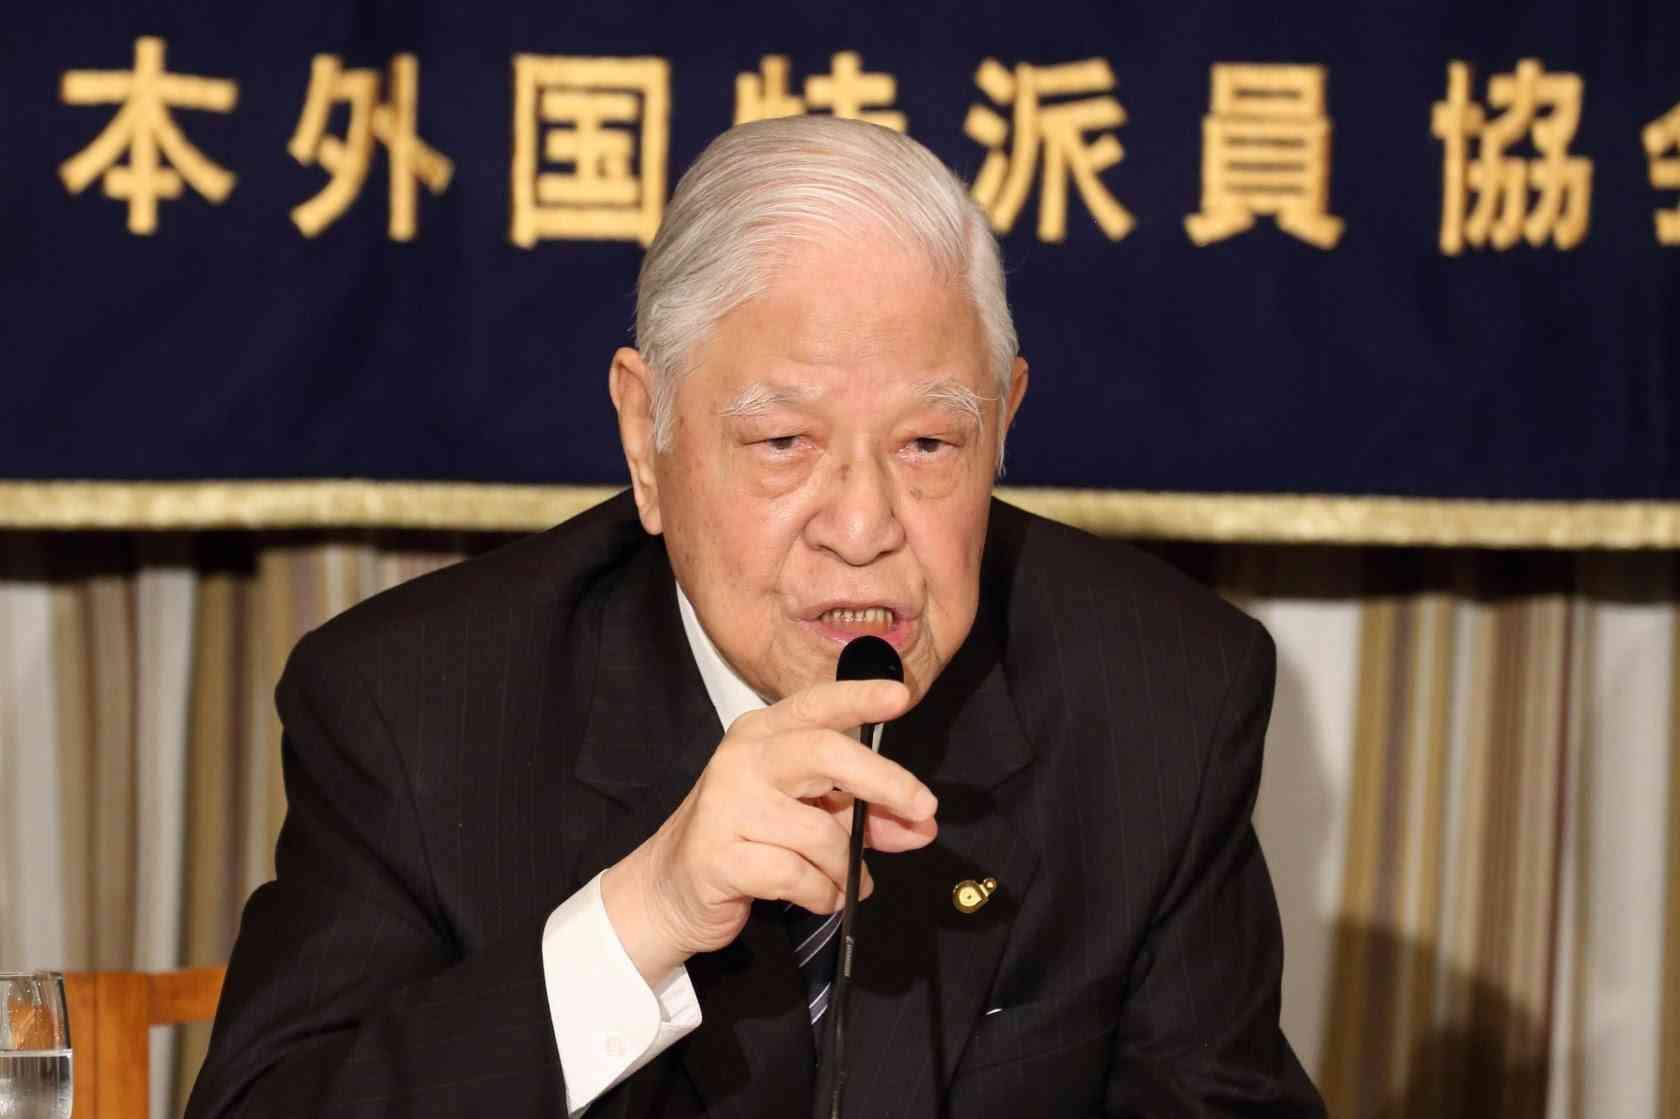 李登輝氏が特派員協会で講演 安保法制は「世界平和に貢献」 尖閣諸島は「日本のもの」 - YouTube